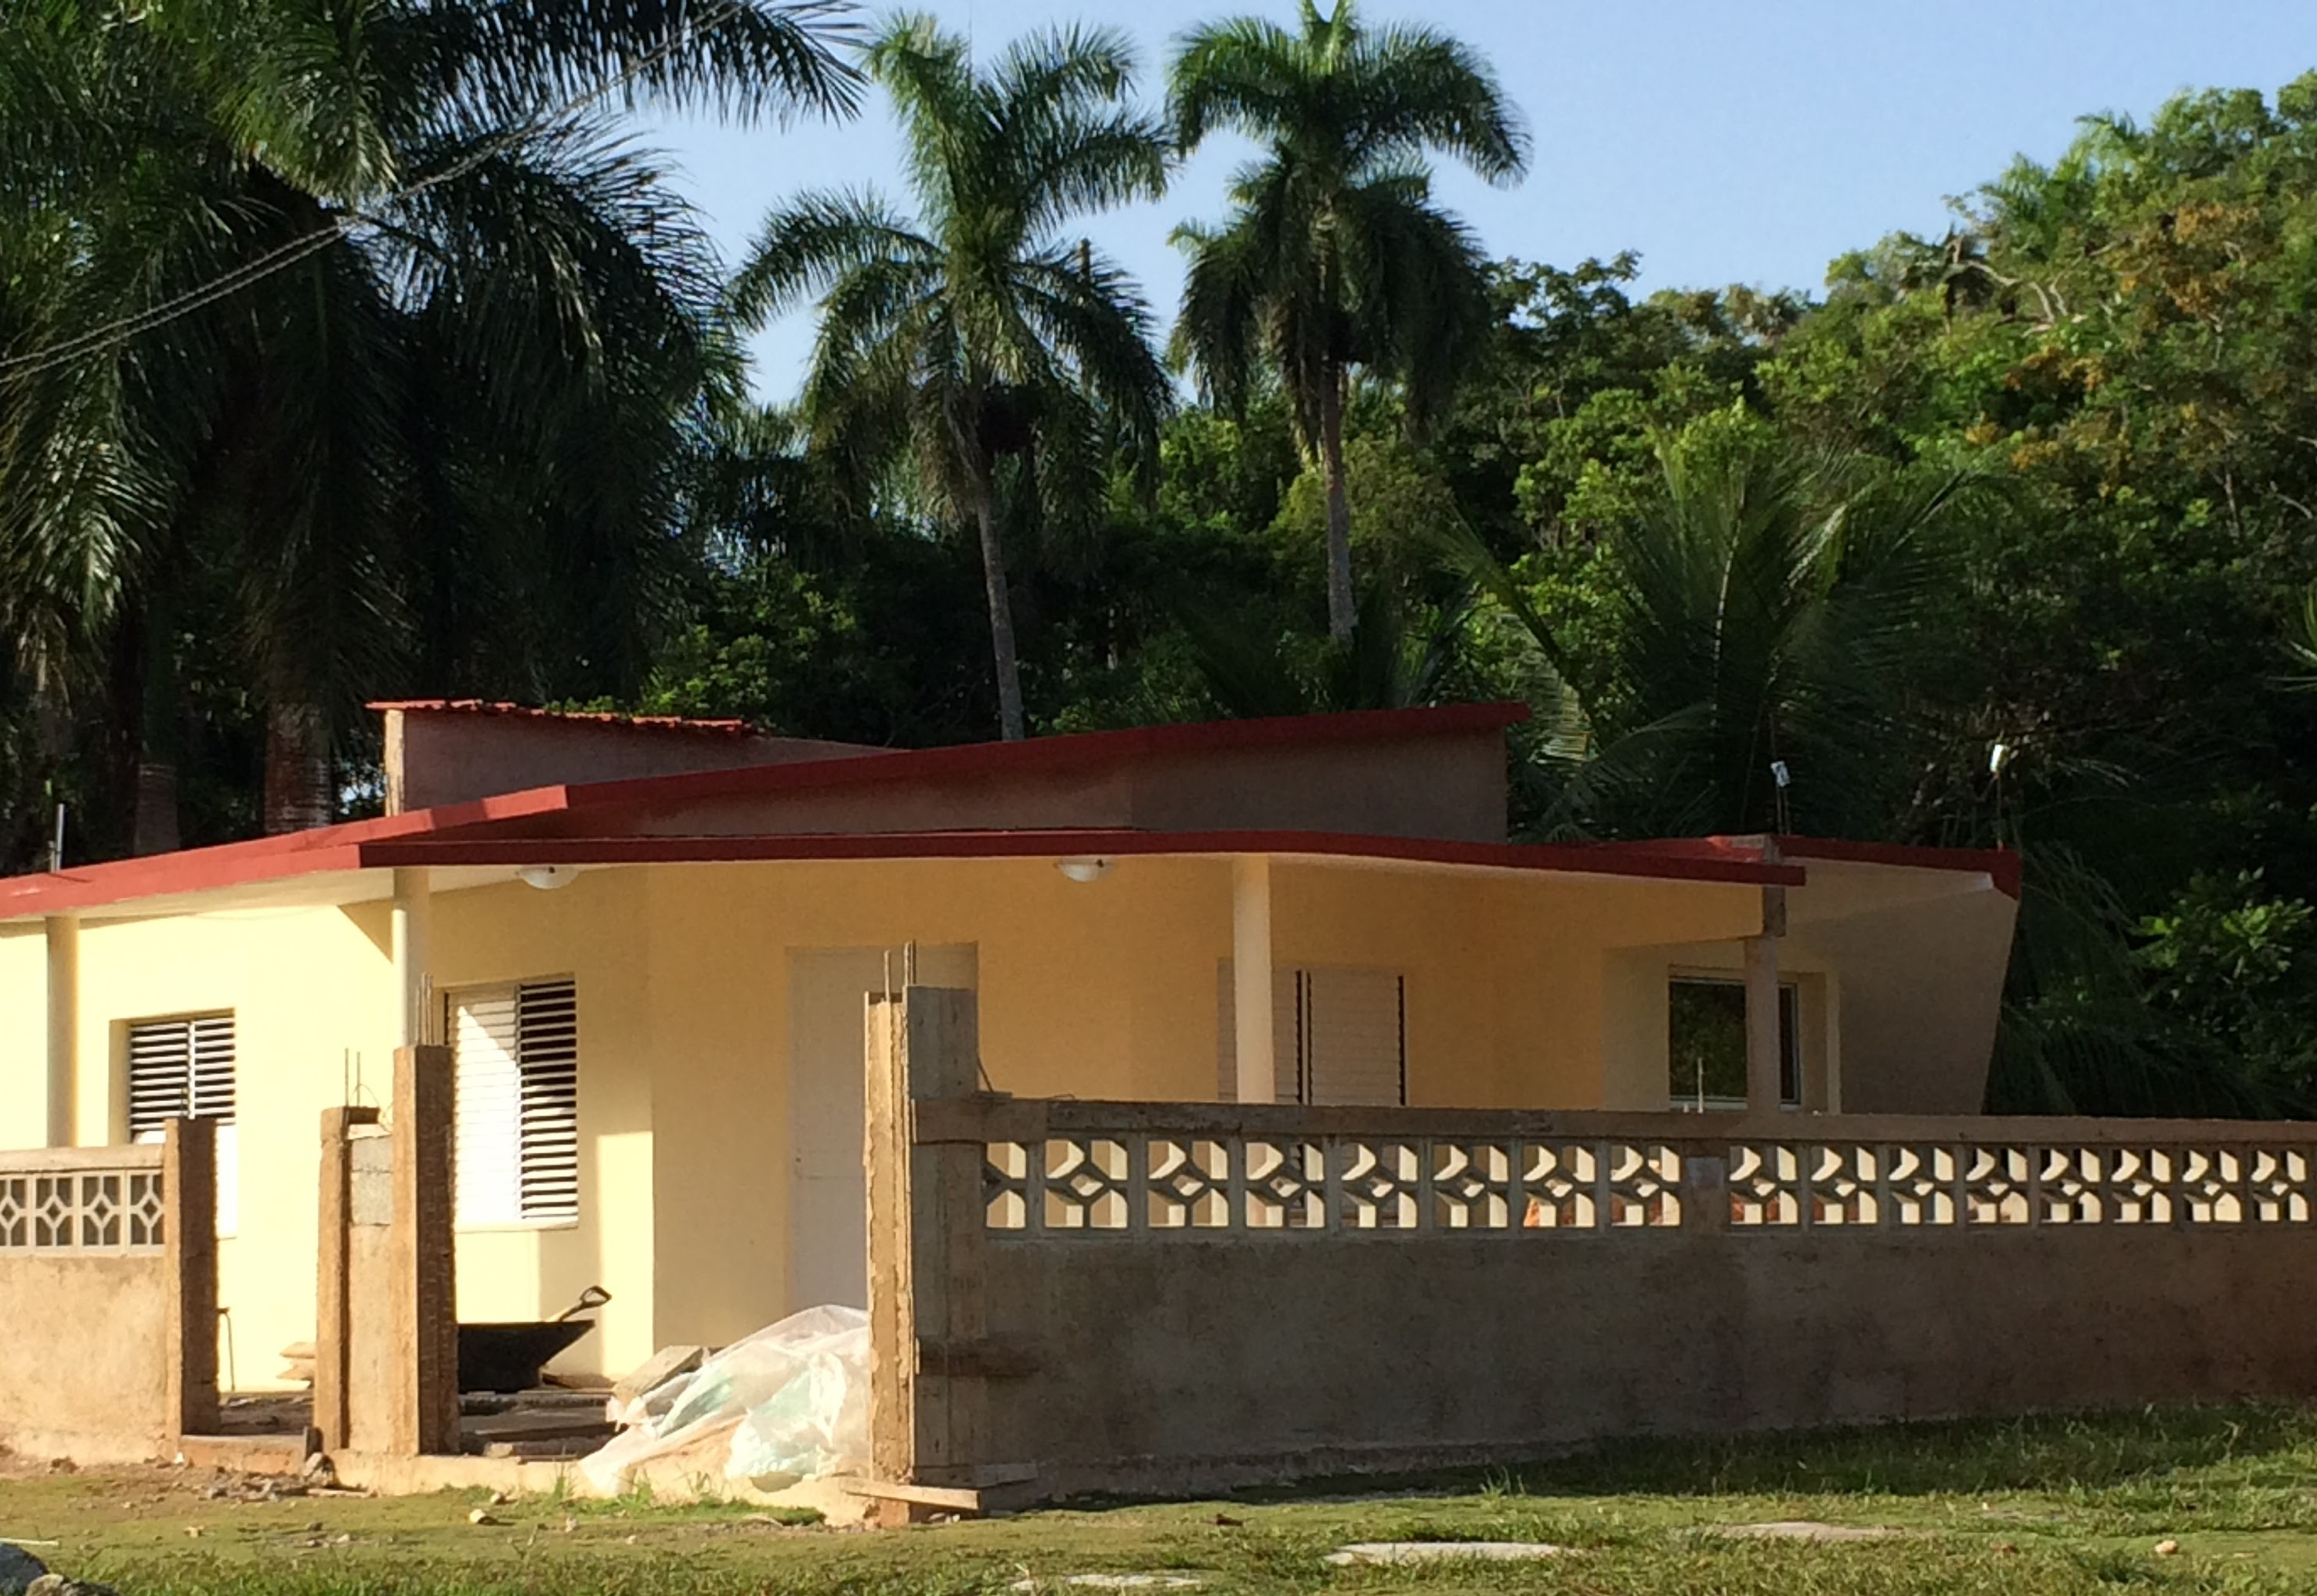 Notre maison à cuba commence à prendre forme!